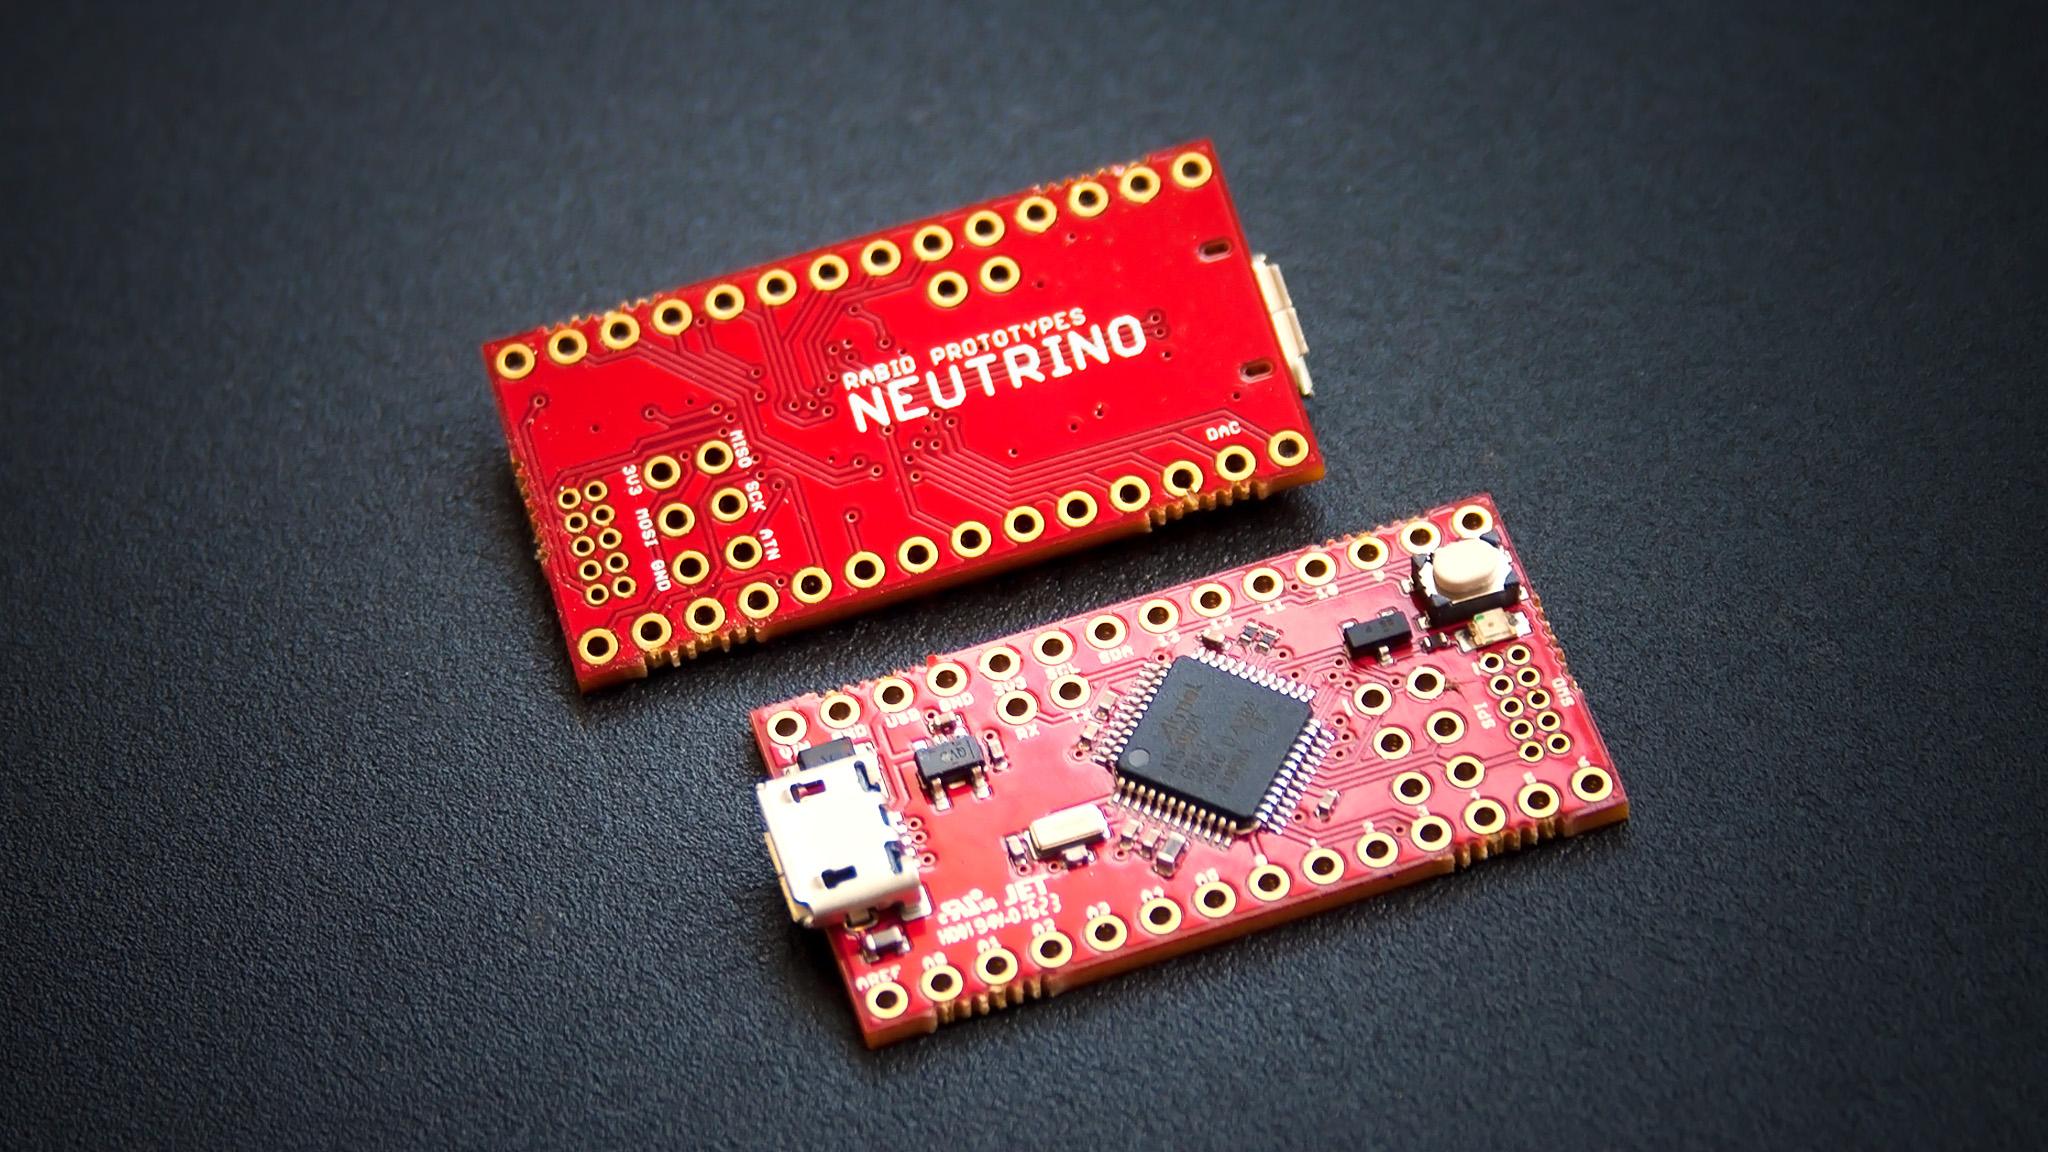 Neutrino3.0